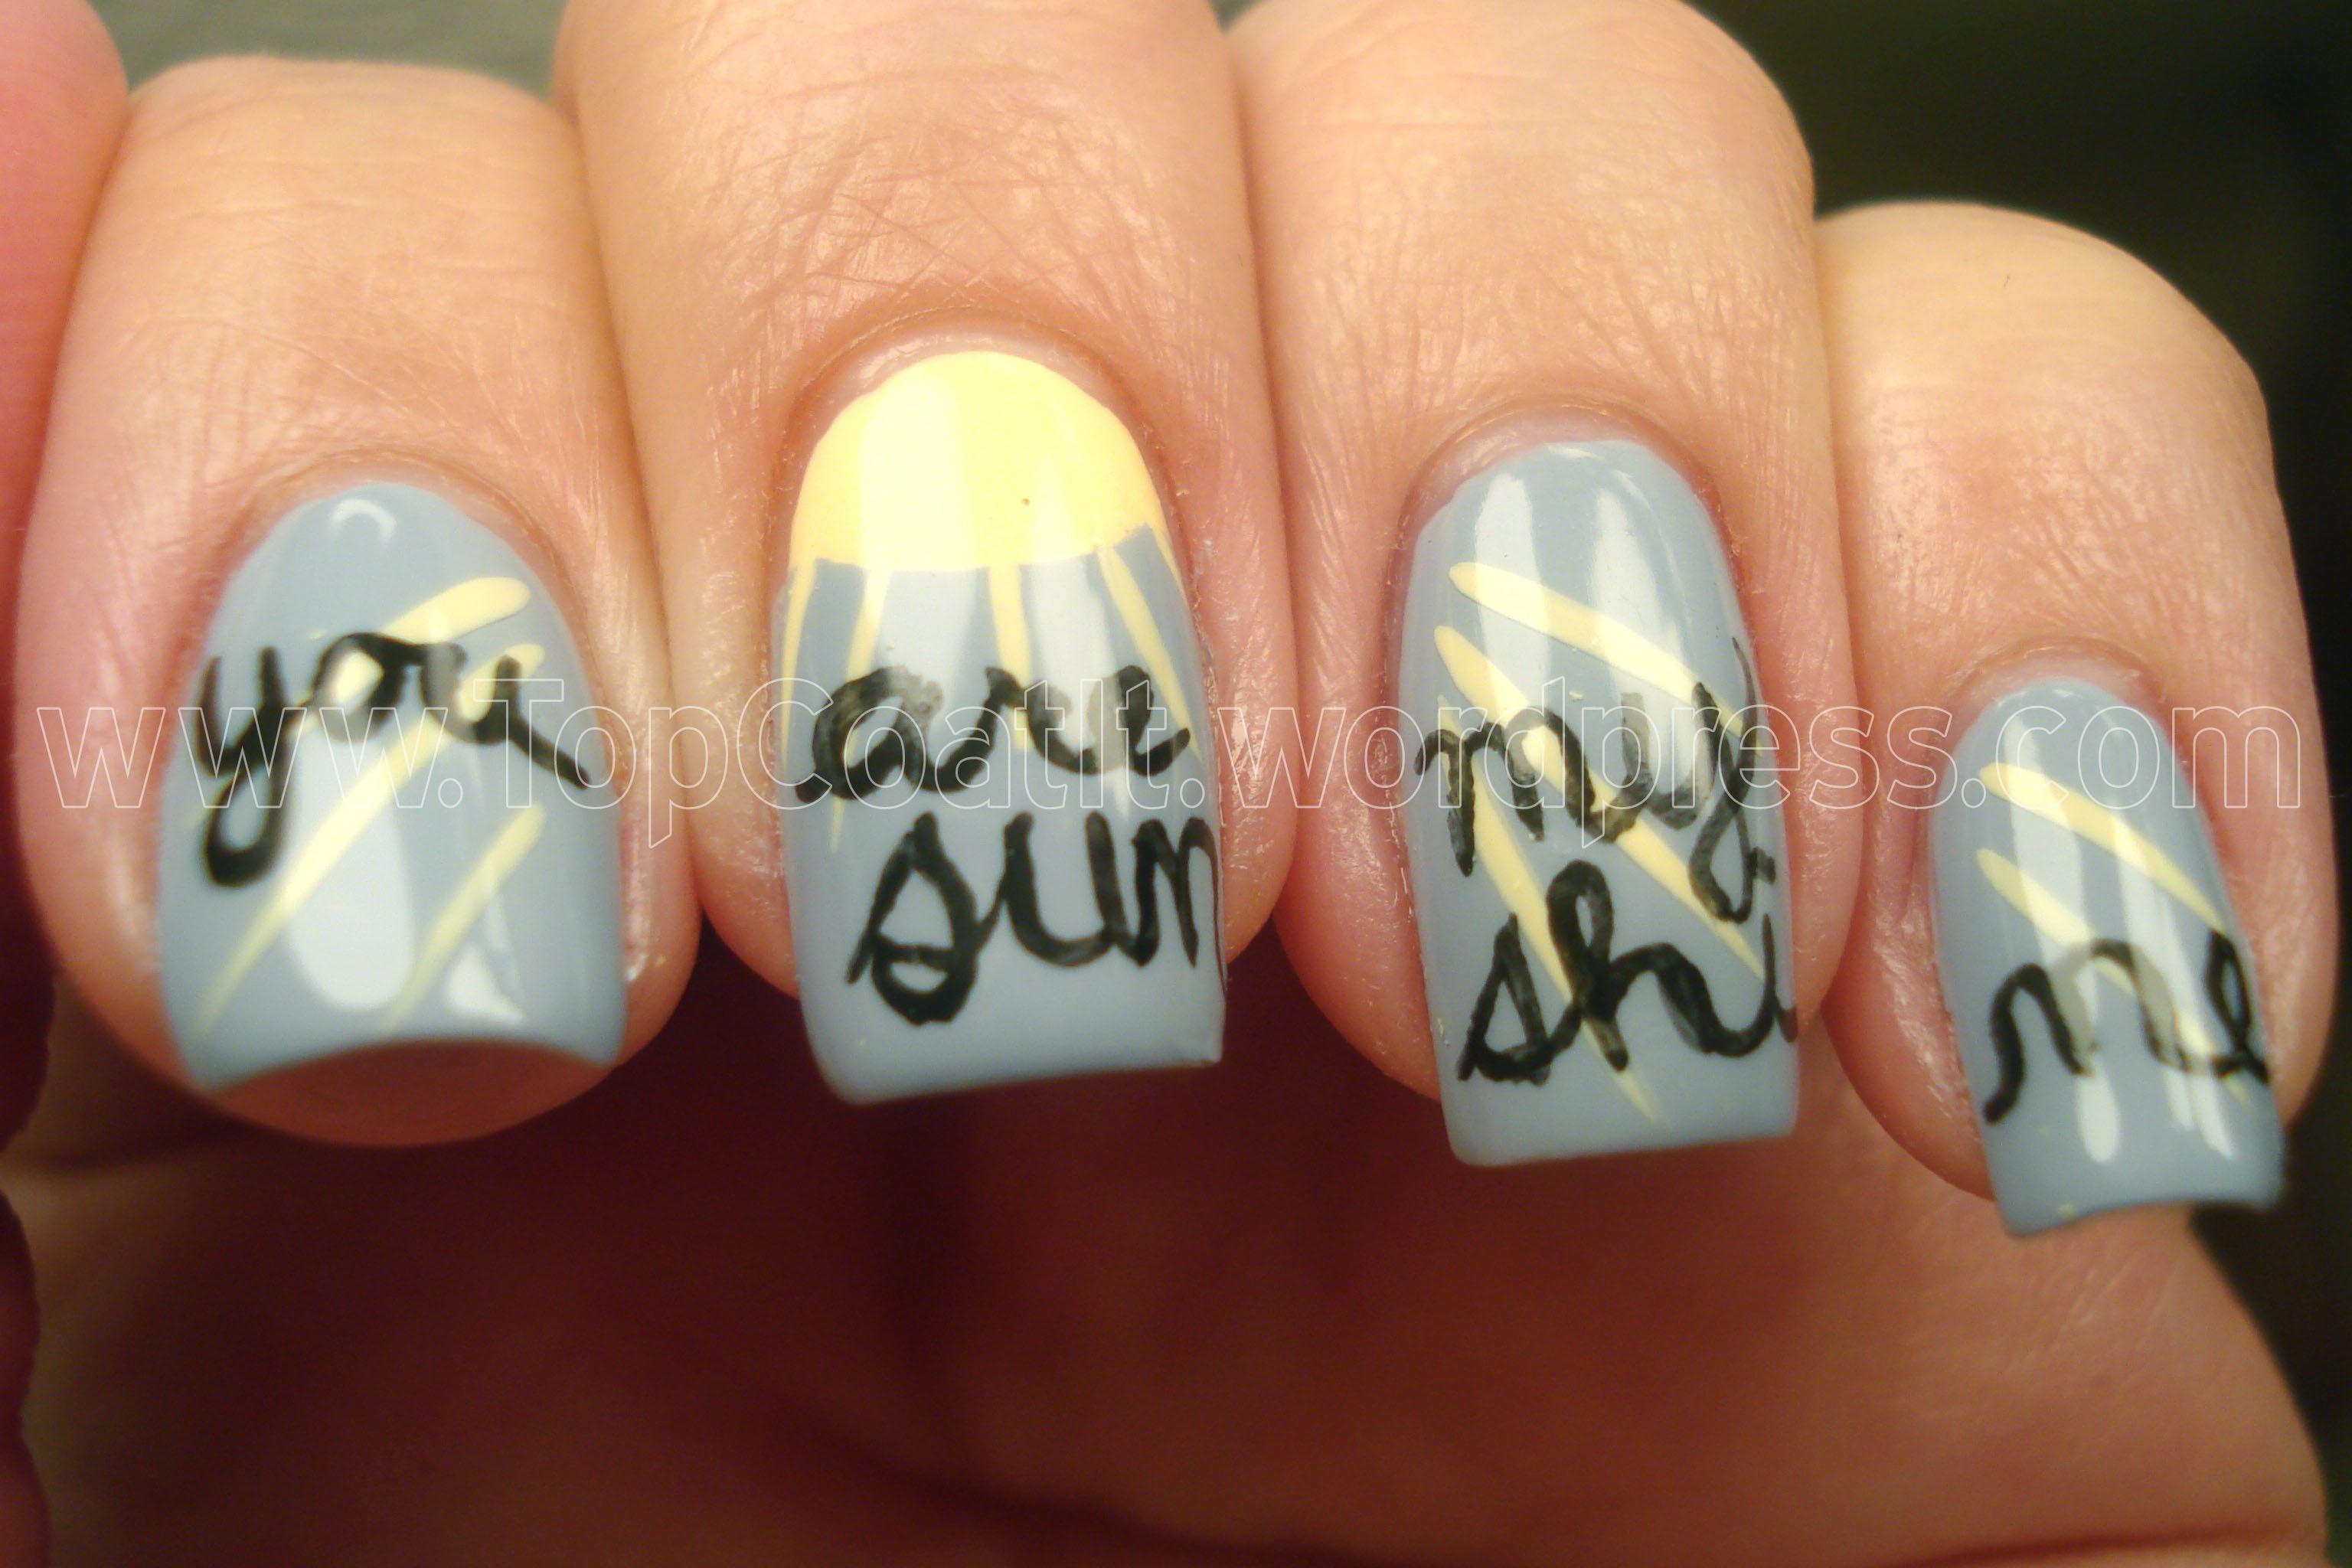 You Are My Sunshine Nail Nails Nailart Nails Nails Nails